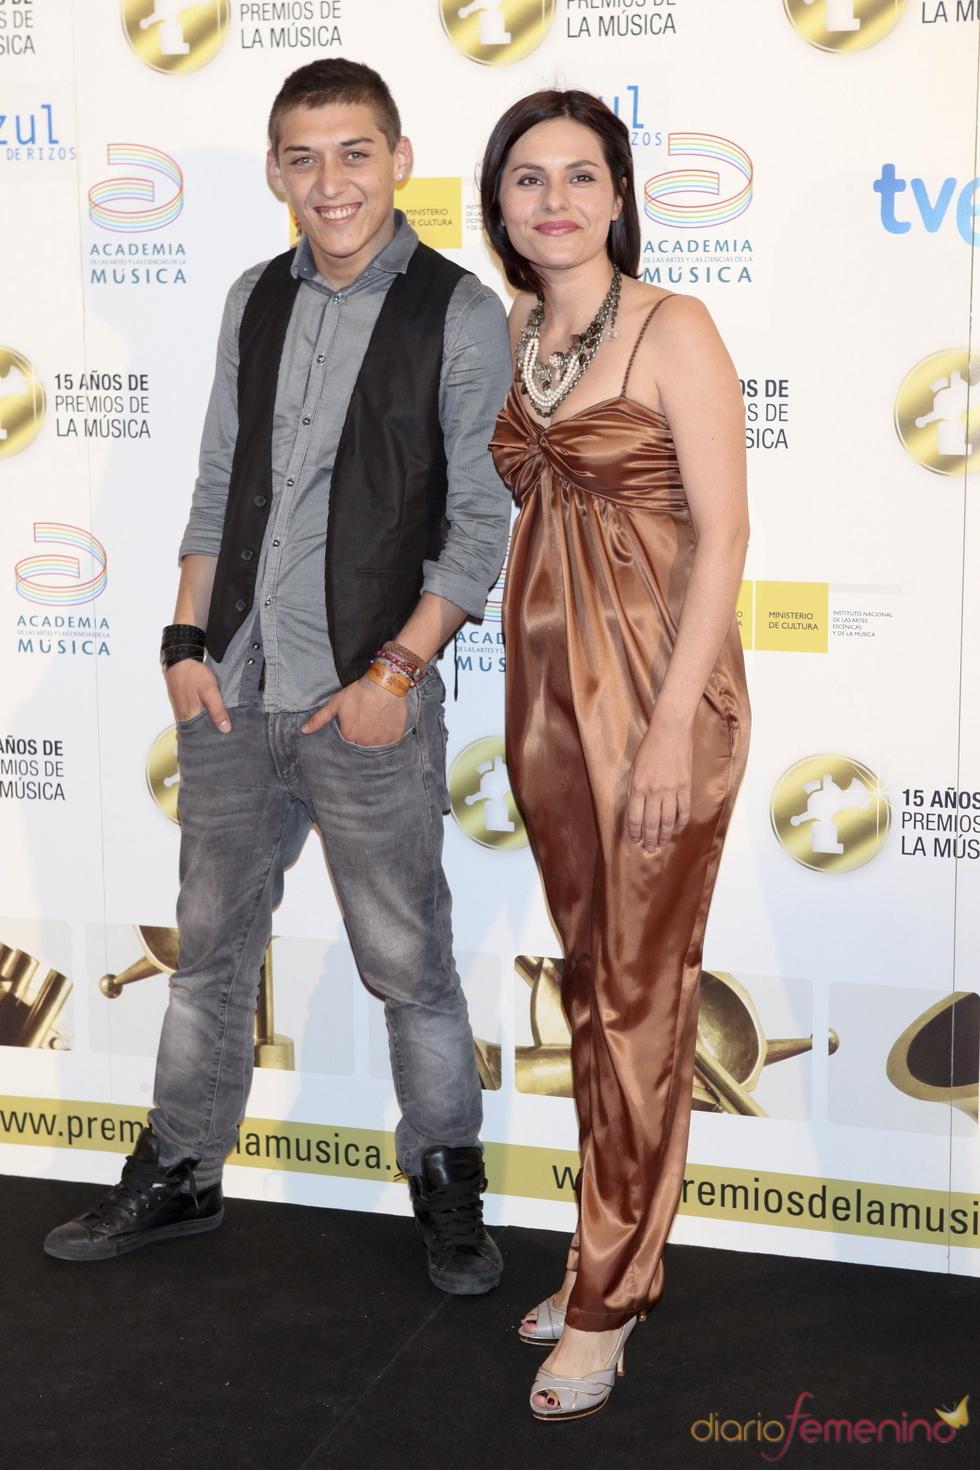 Nahuel y Eva Perales en los Premios de la Música 2011